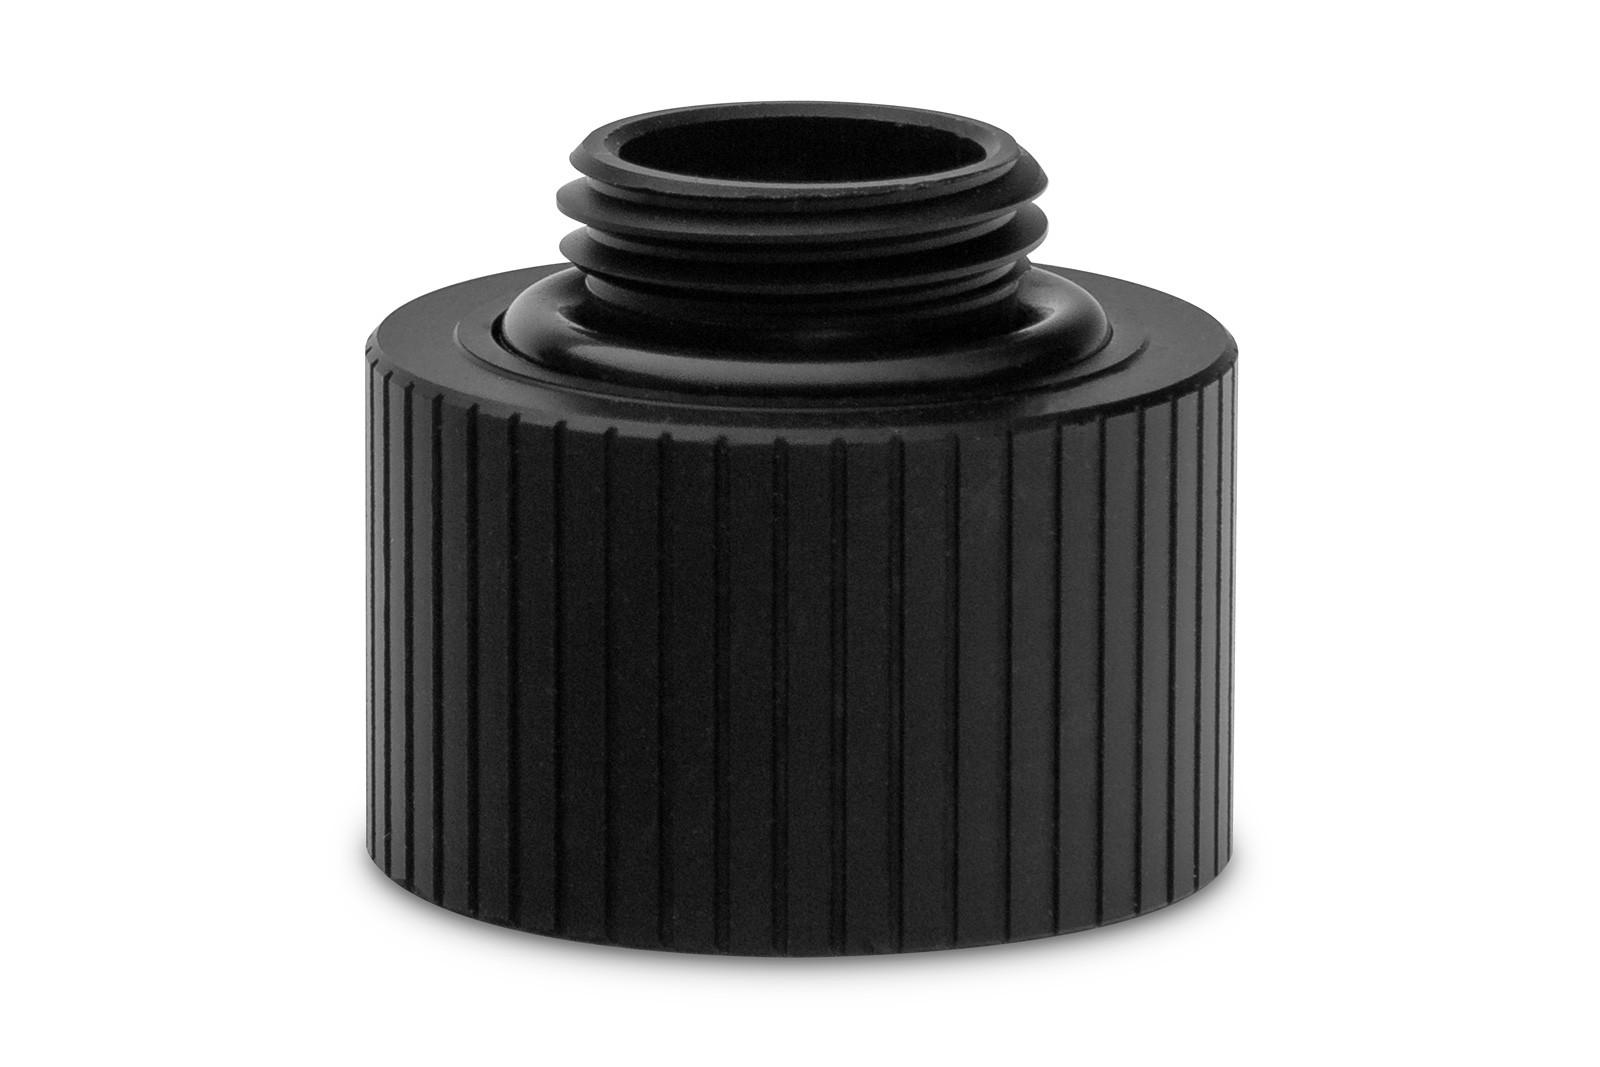 EK WaterBlocks EK-Quantum Torque Extender Static MF 14 - Black